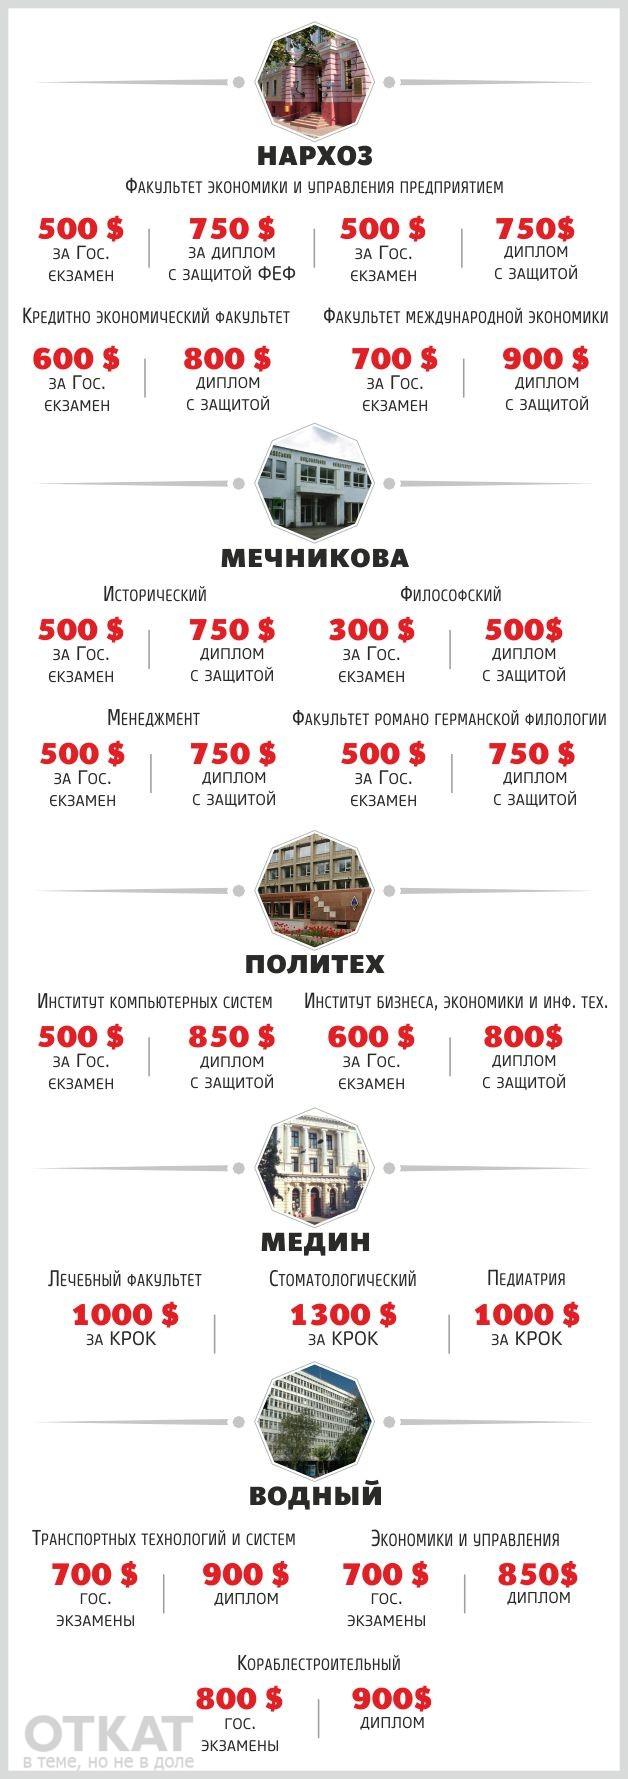 Покупка диплома: прайс-лист на взятки для окончания одесских ВУЗов